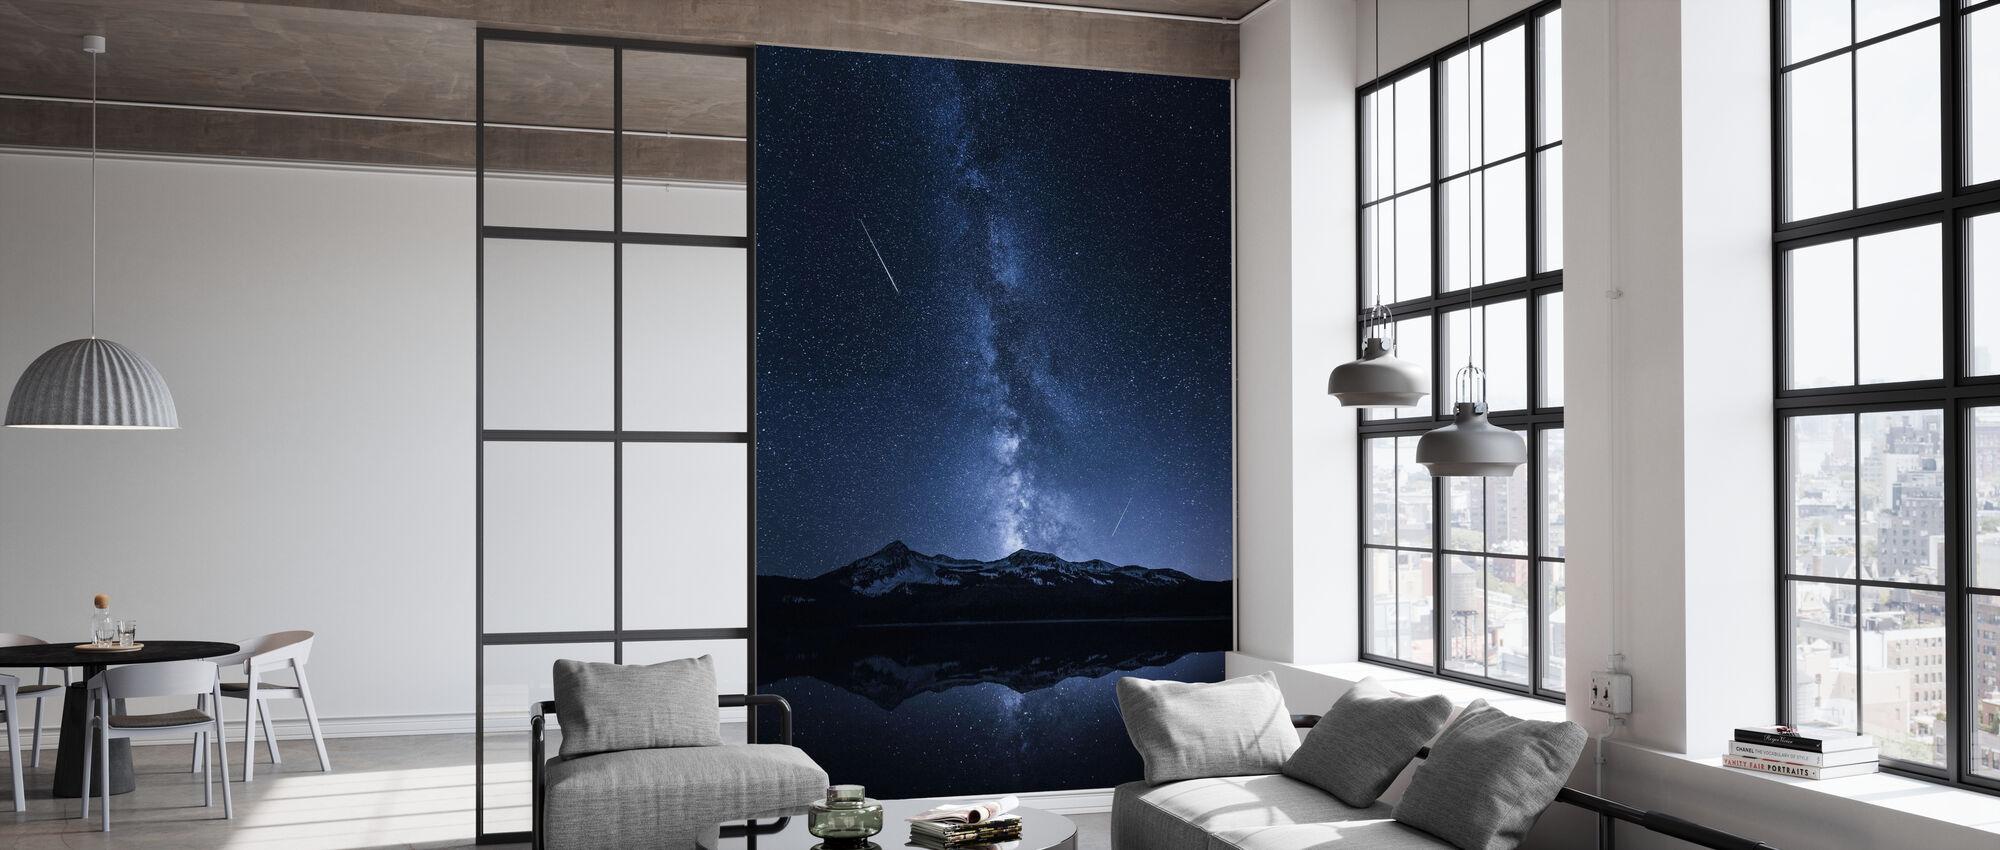 Melkwegstelsels Reflectie - Behang - Kantoor